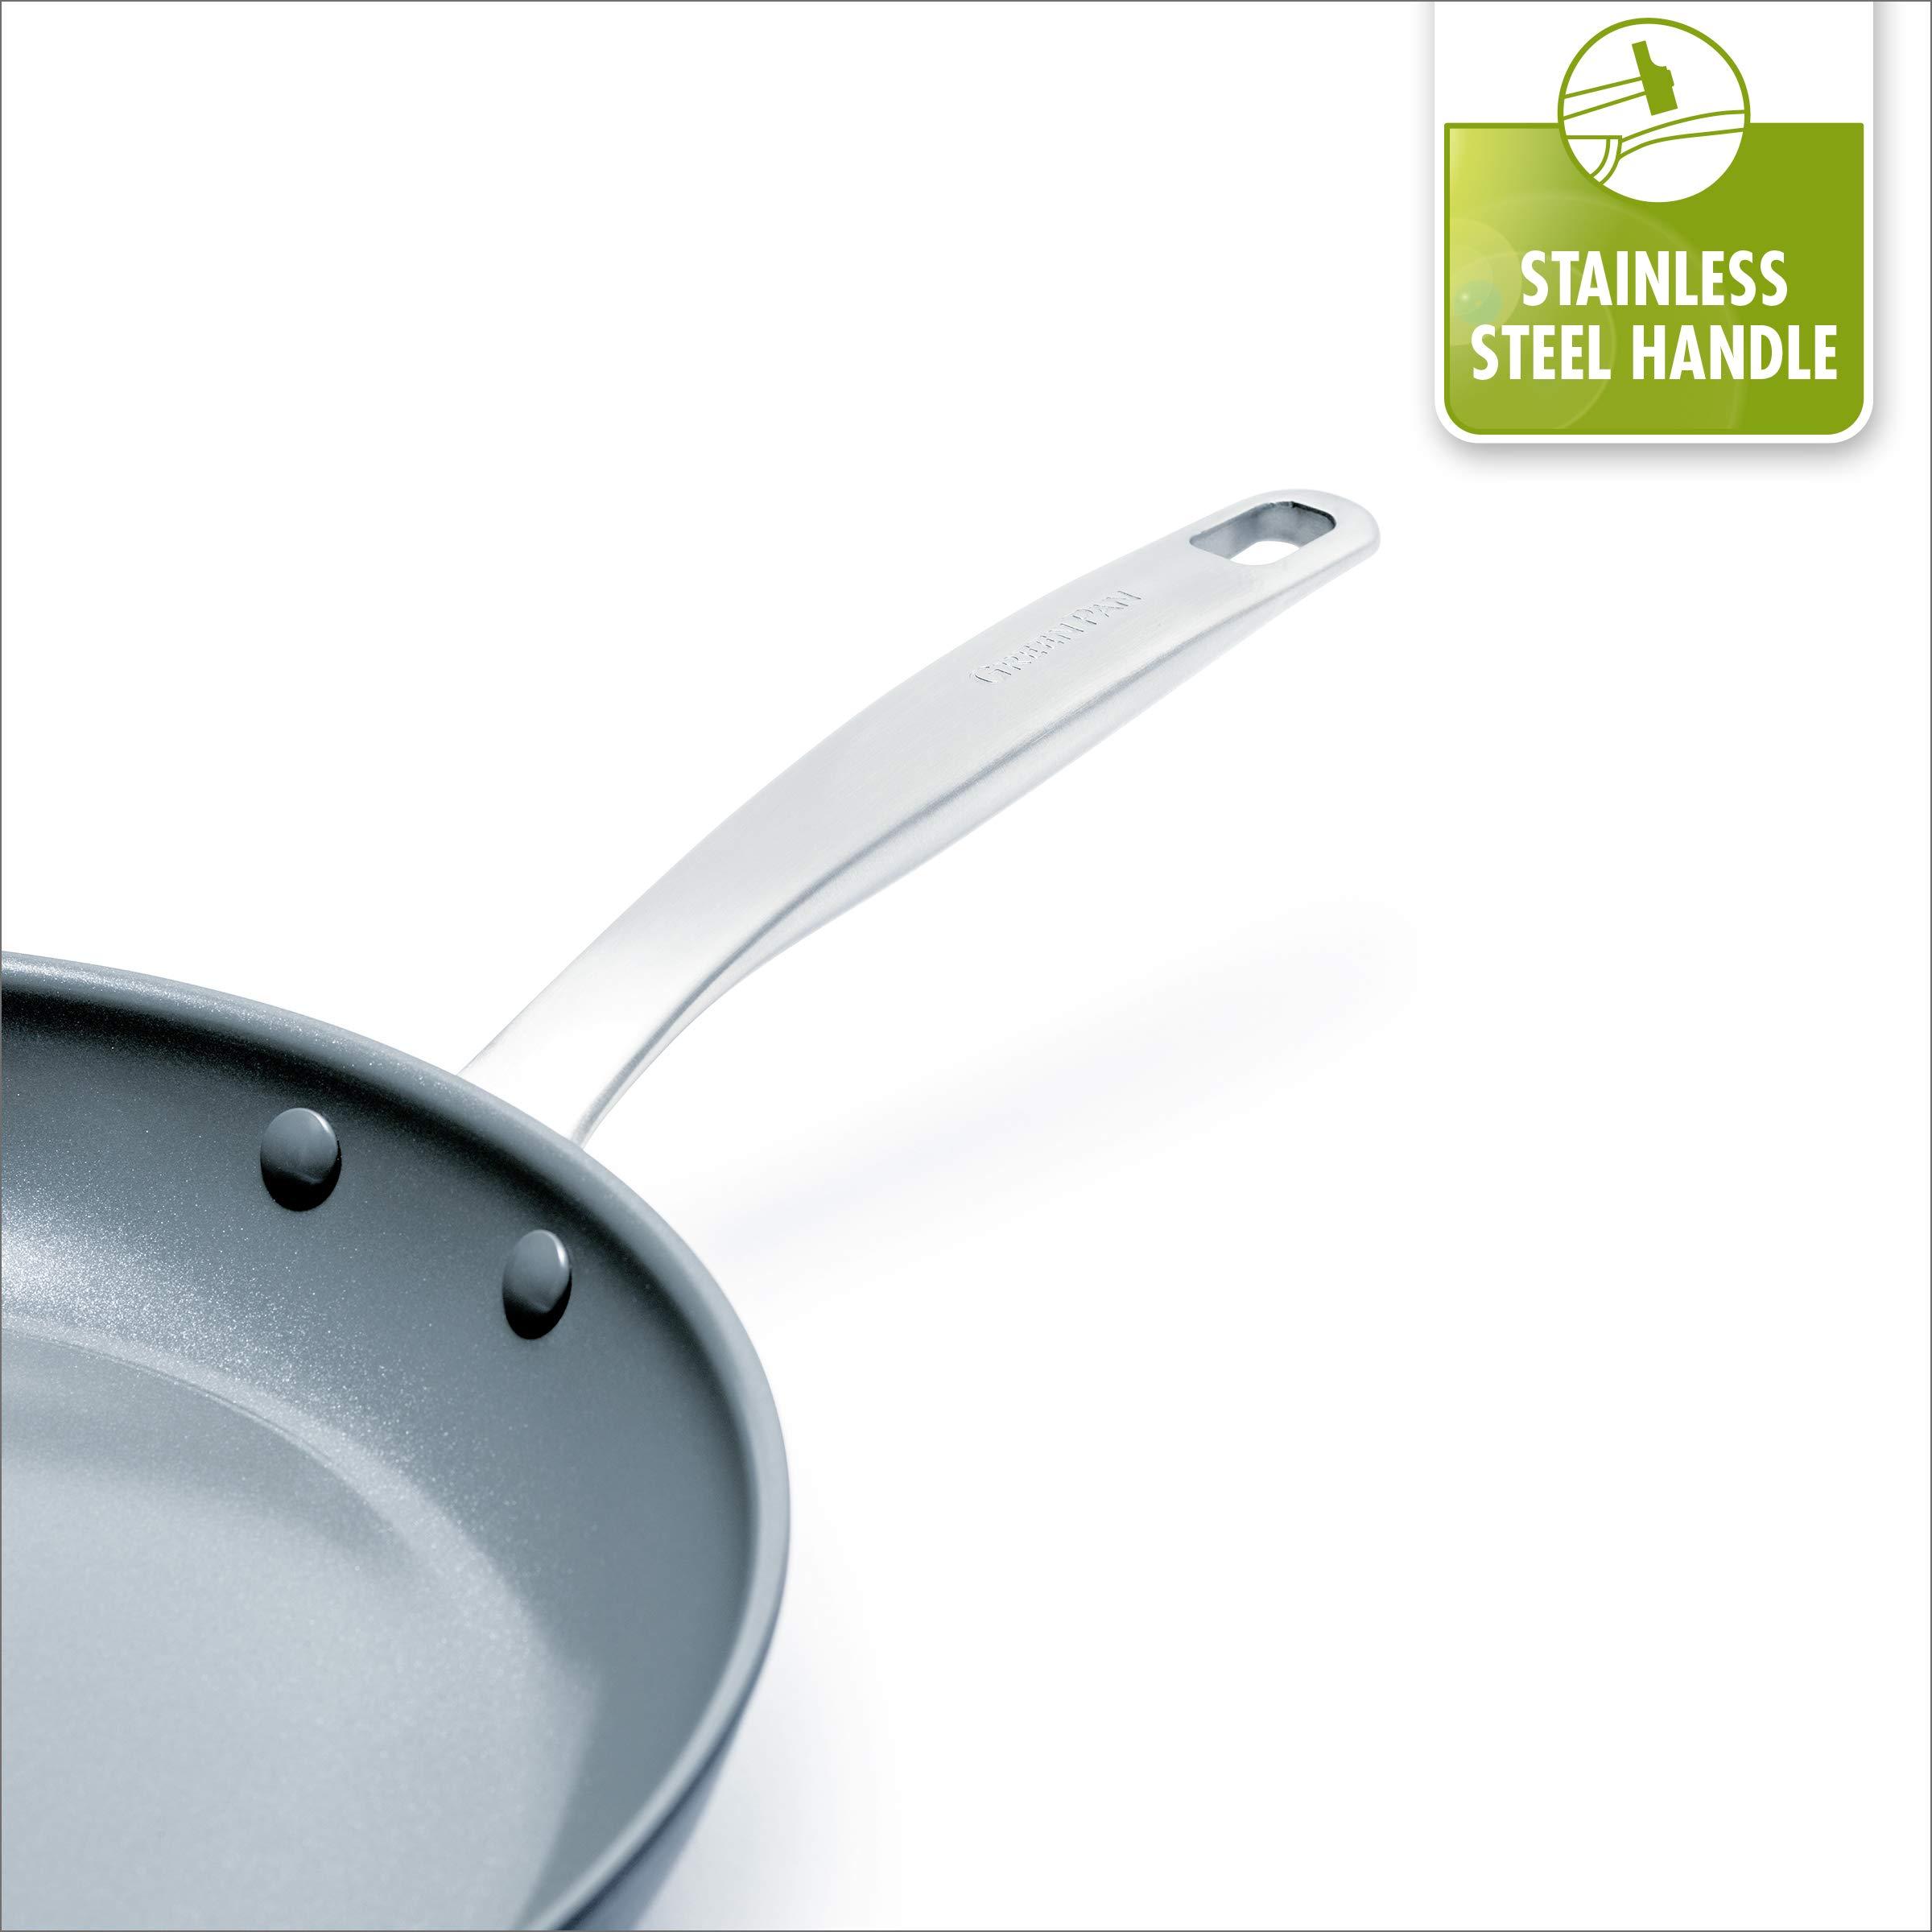 GreenPan Chatham Ceramic Non-Stick Open Frypan Set, 8'' and 10'' by GreenPan (Image #8)